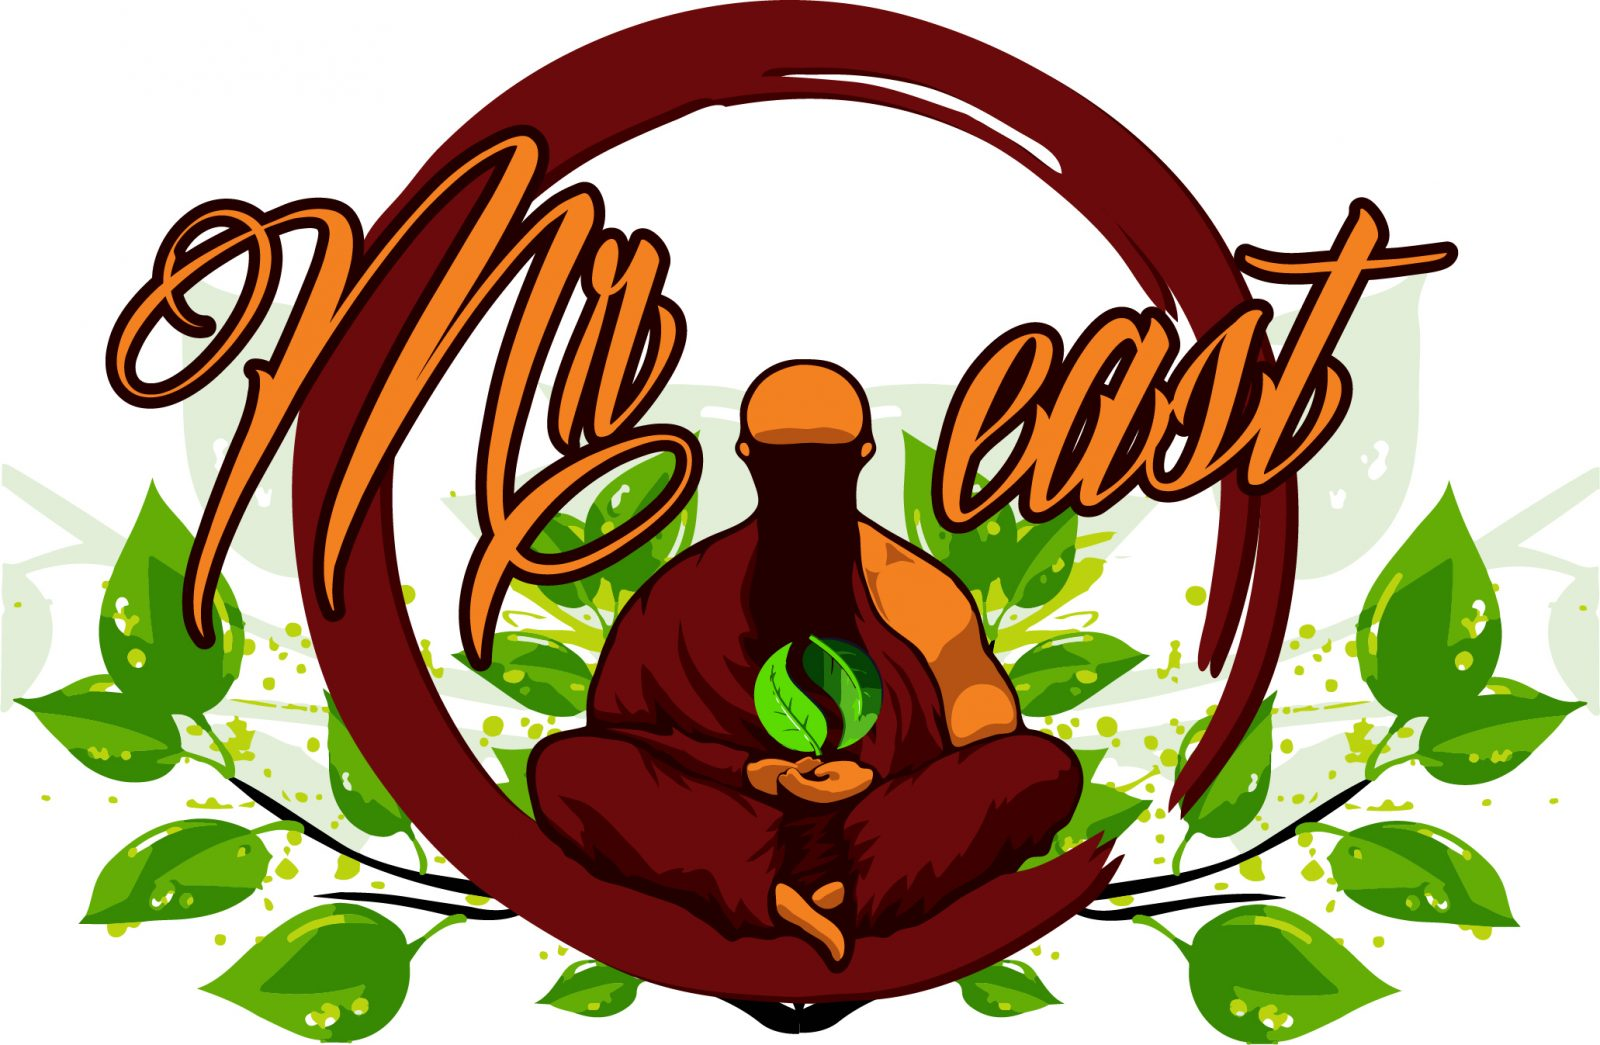 Πρόγραμμα ανακύκλωσης του Mr.East για τα χρησιμοποιημένα στρώματα γιόγκα